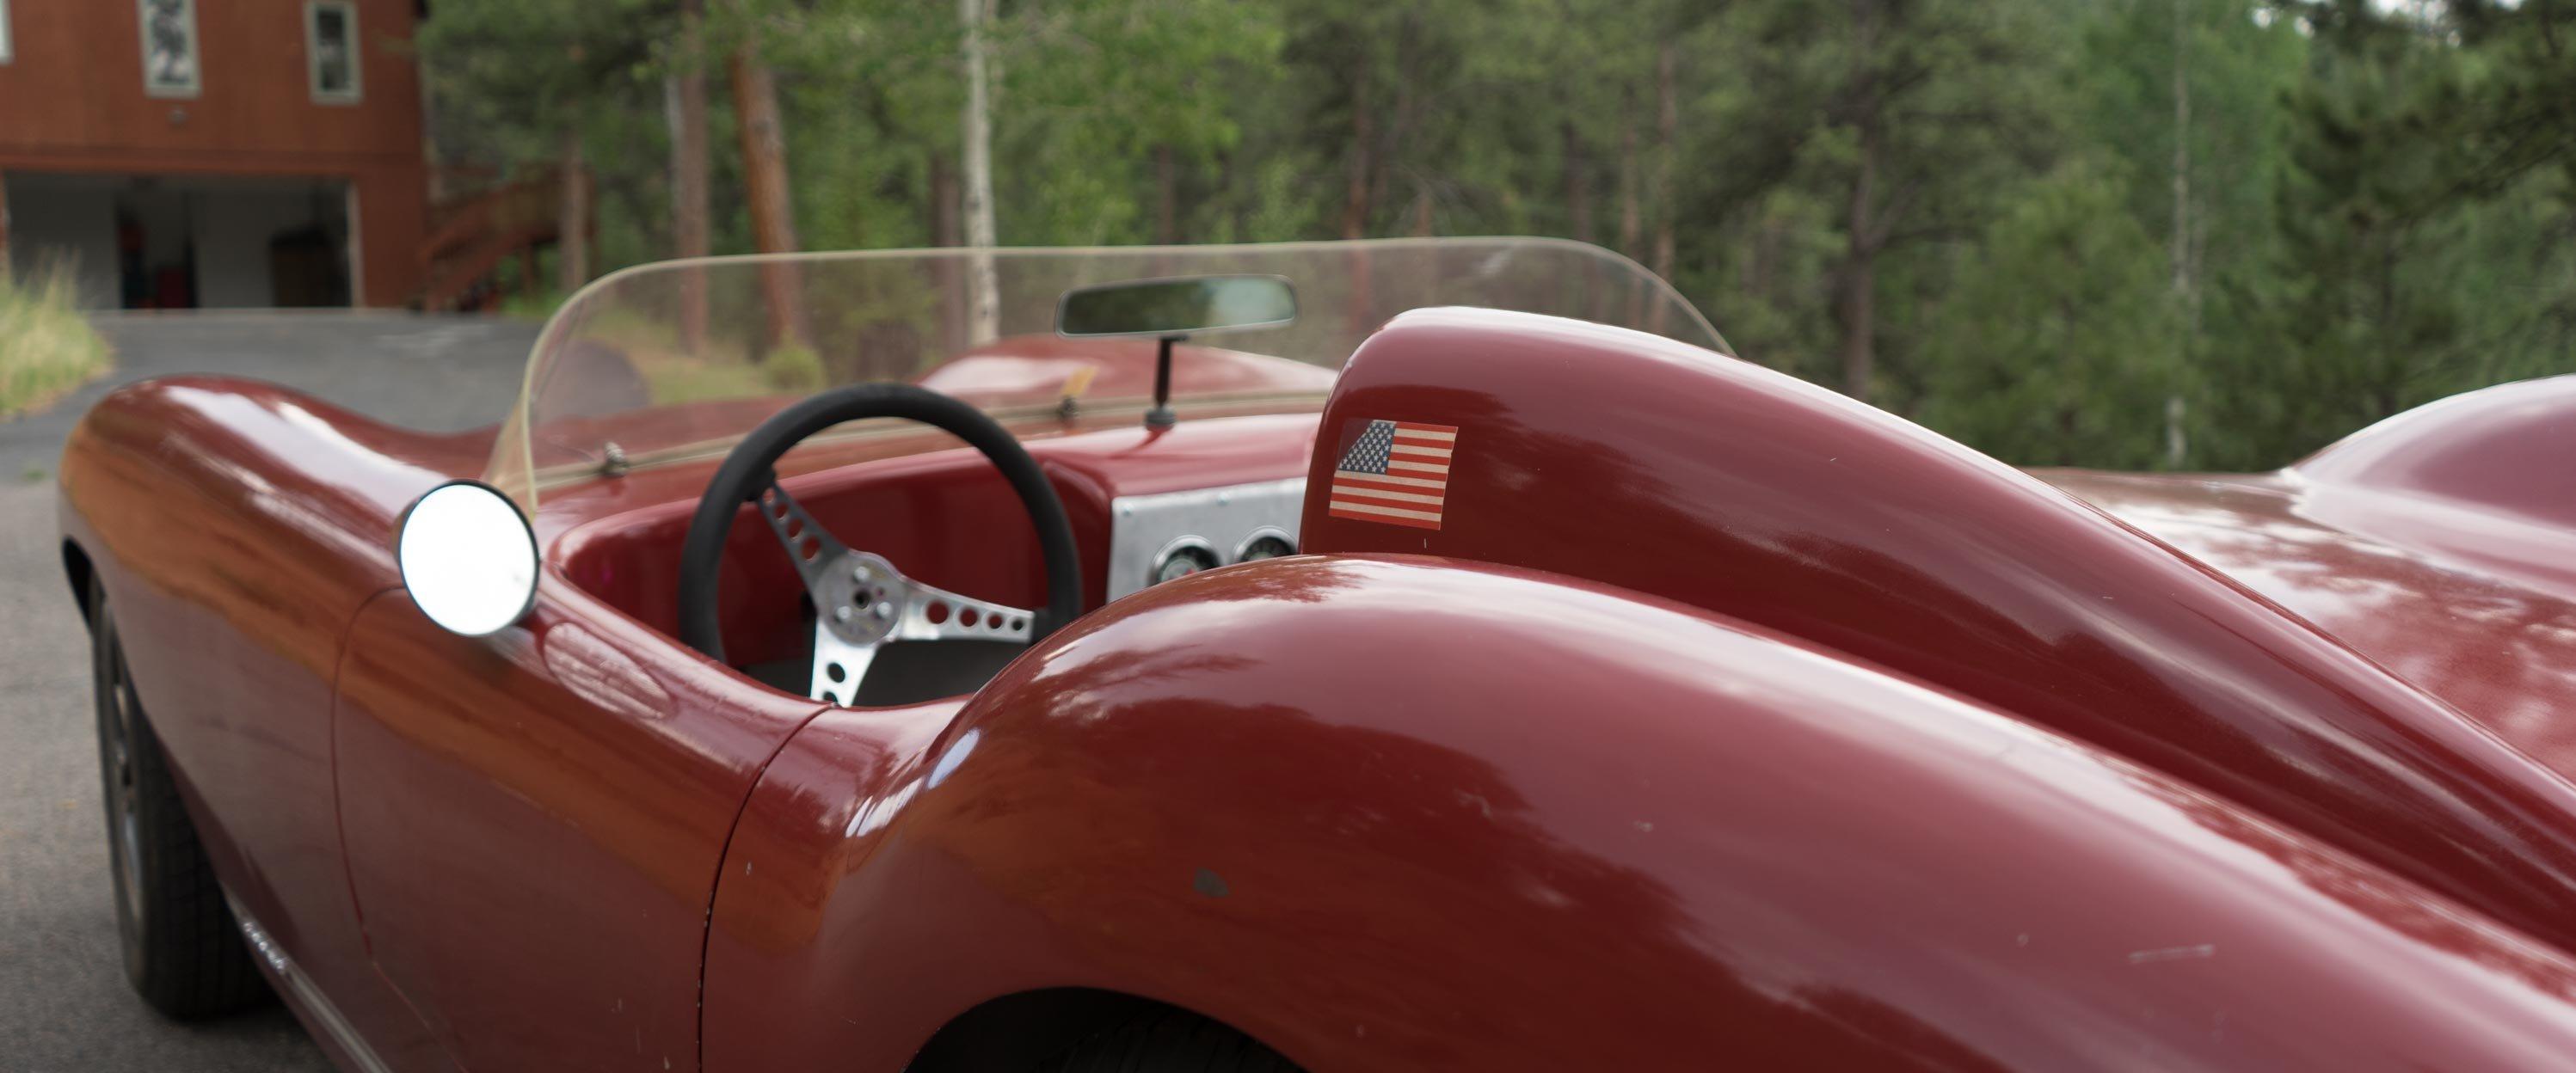 1959-Bocar-Restoration-Red-slideshow-004@2x